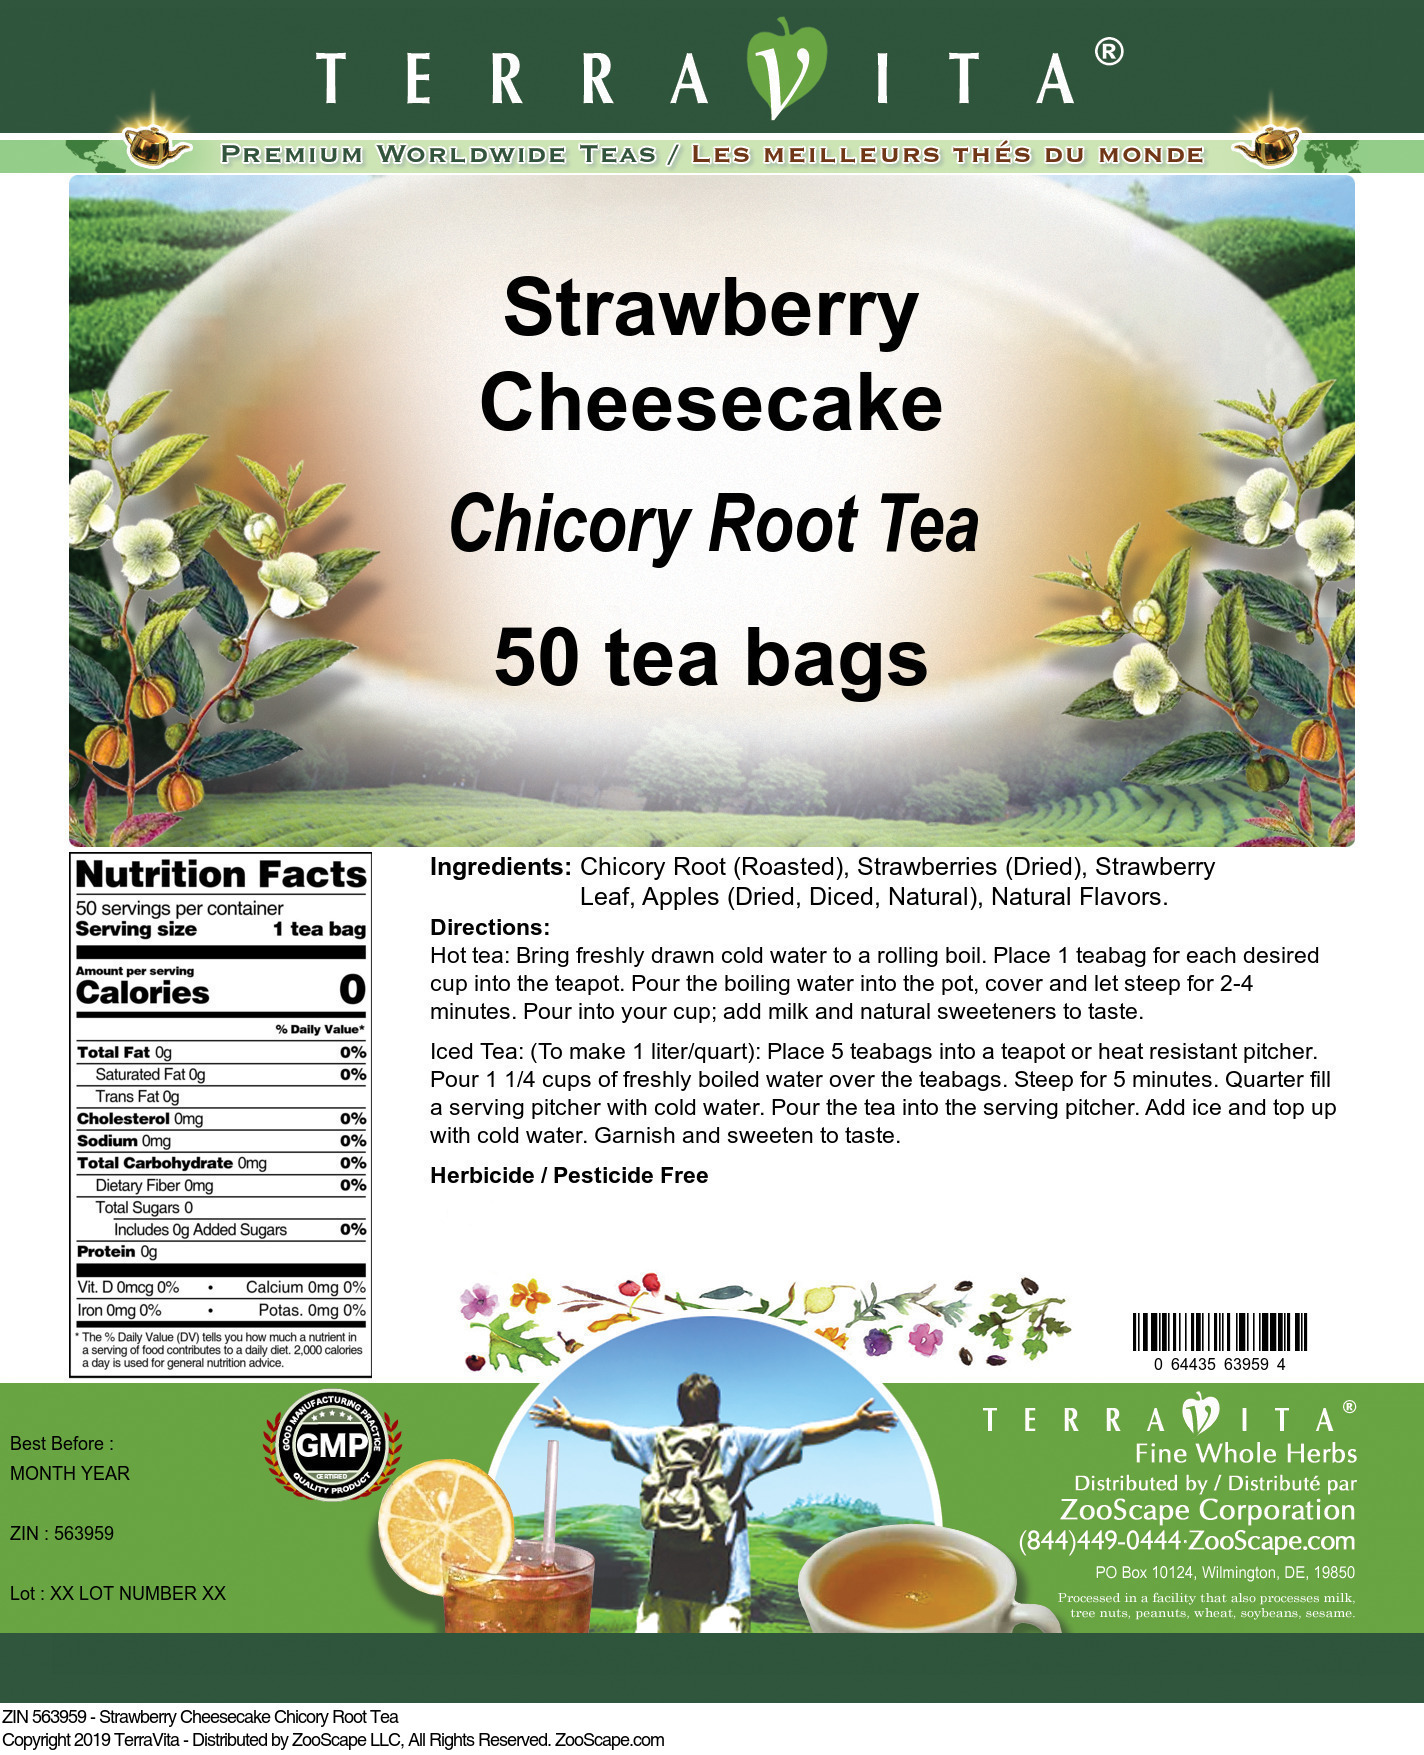 Strawberry Cheesecake Chicory Root